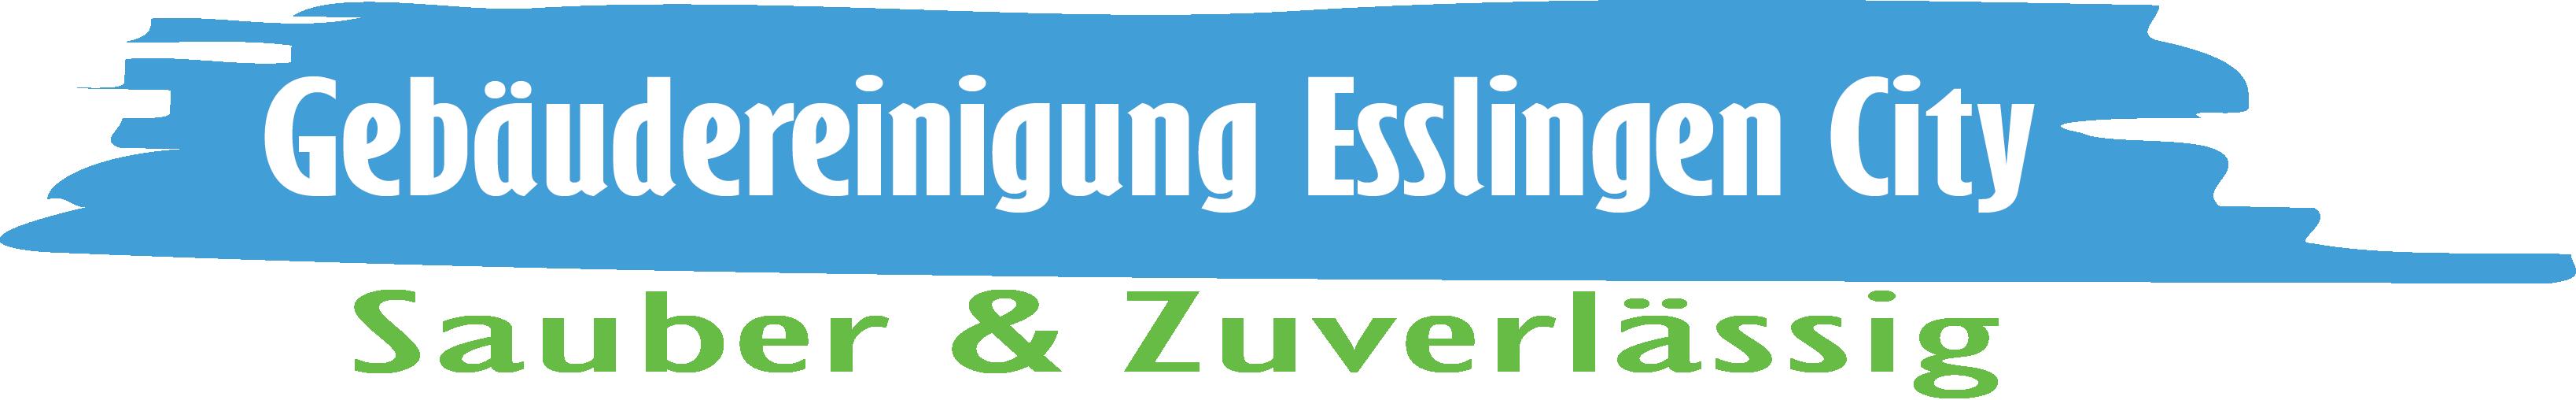 Gebäudereinigung-Esslingen-City